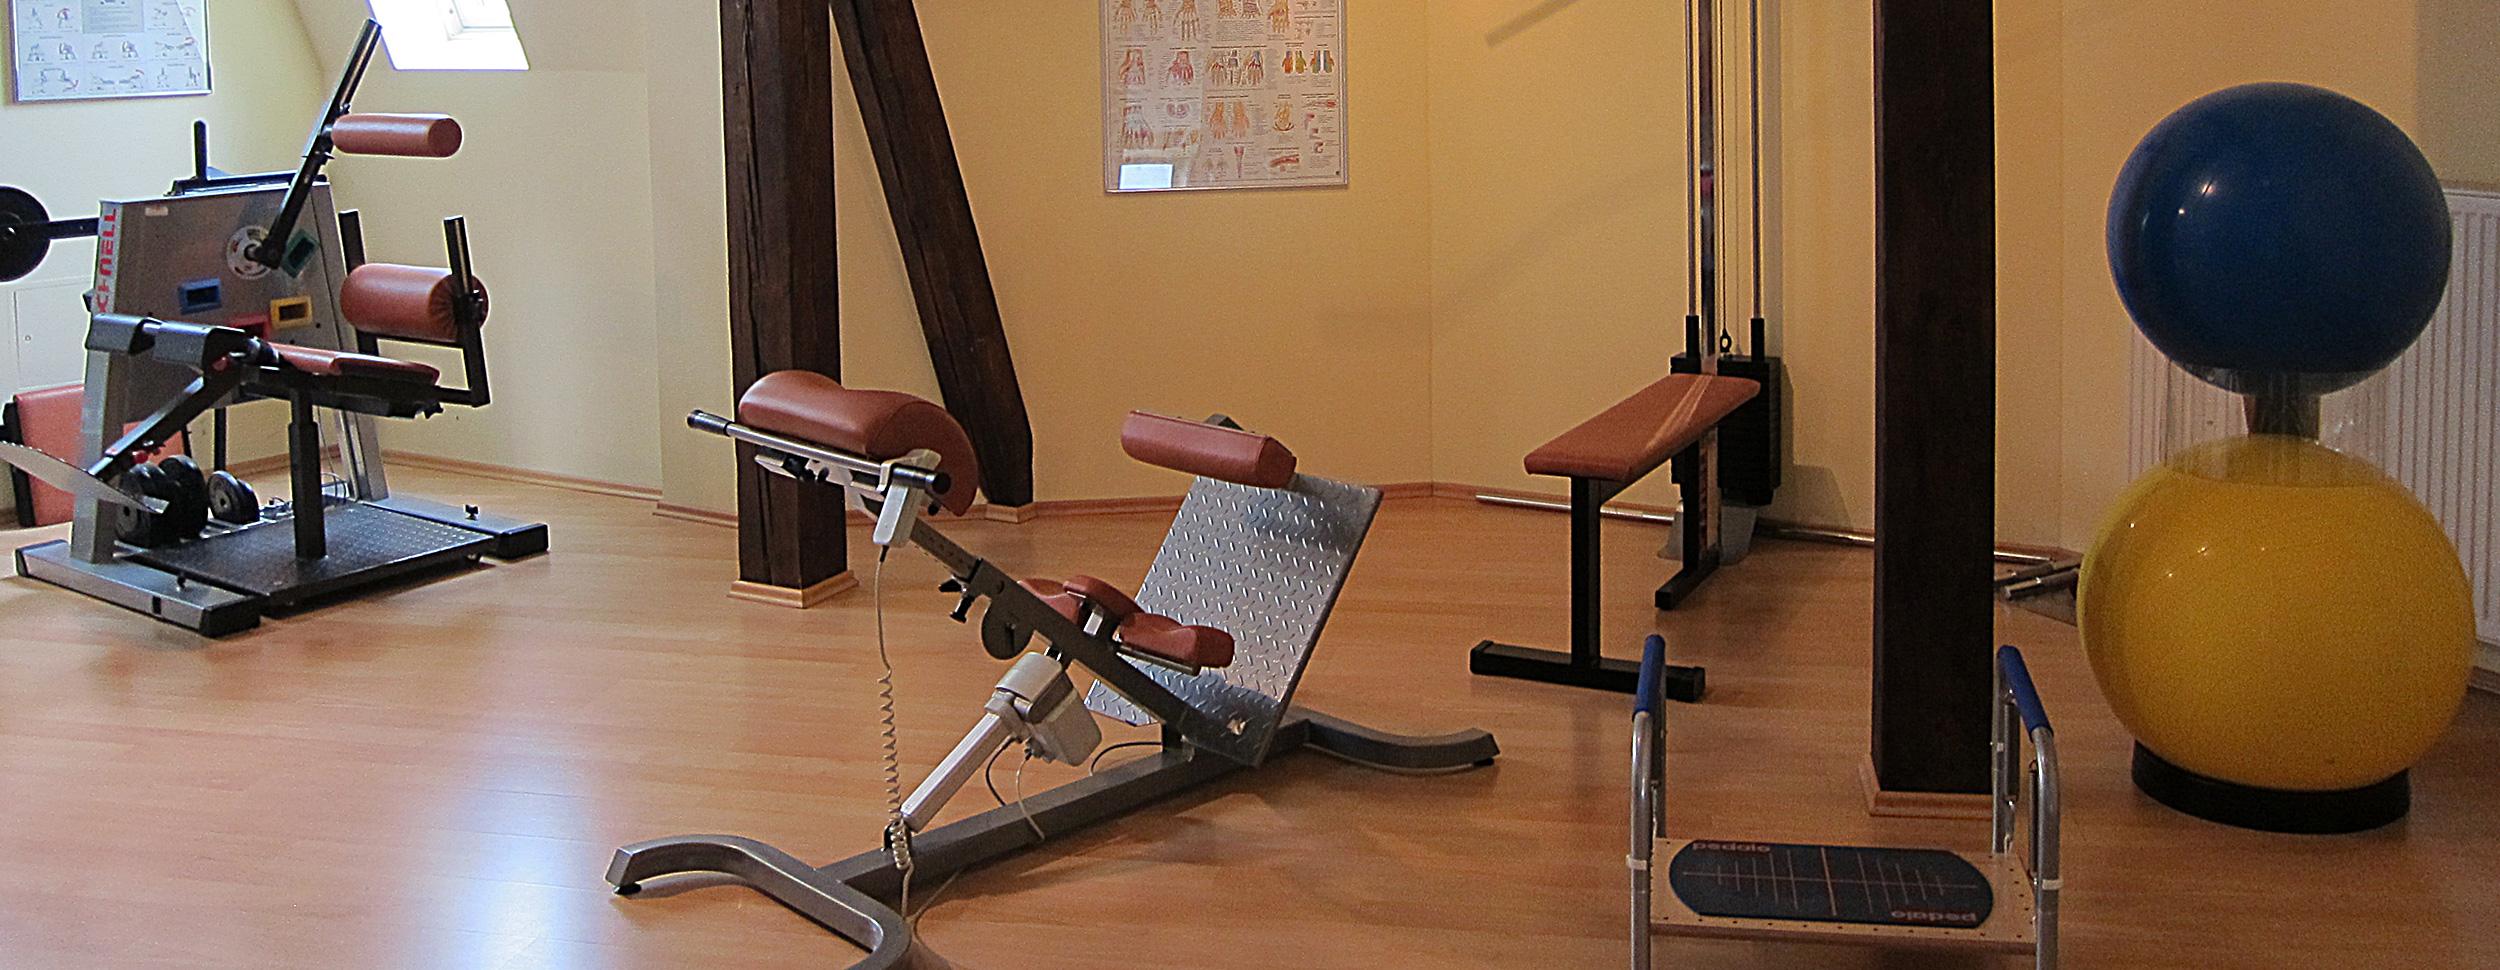 Praxis für Physiotherapie und Handrehabilitation